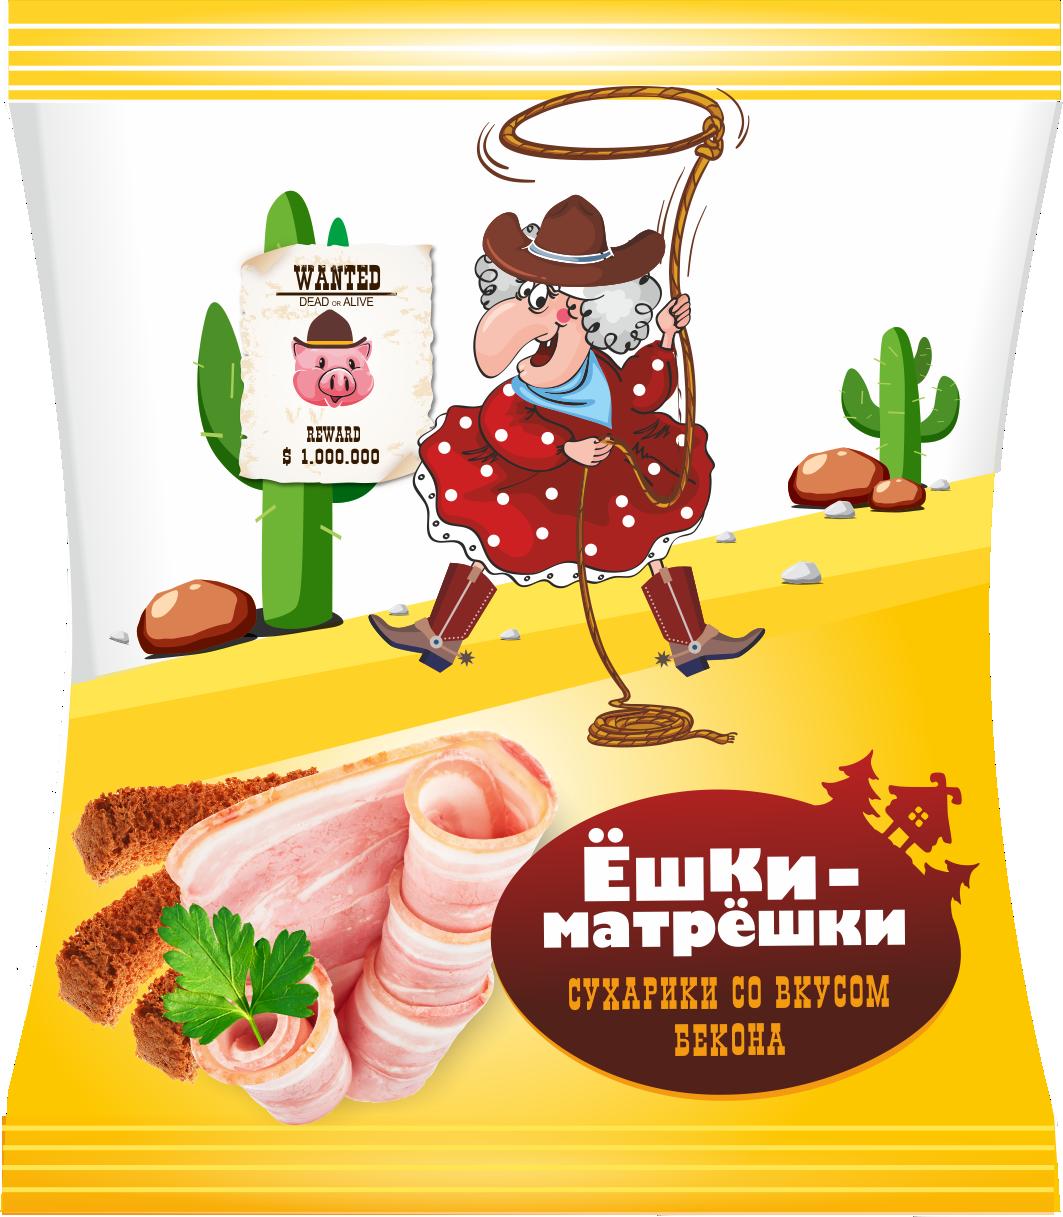 Разработайте дизайн упаковки сухариков ТМ «Ёшки-матрёшки» фото f_54559ebb7875714f.png